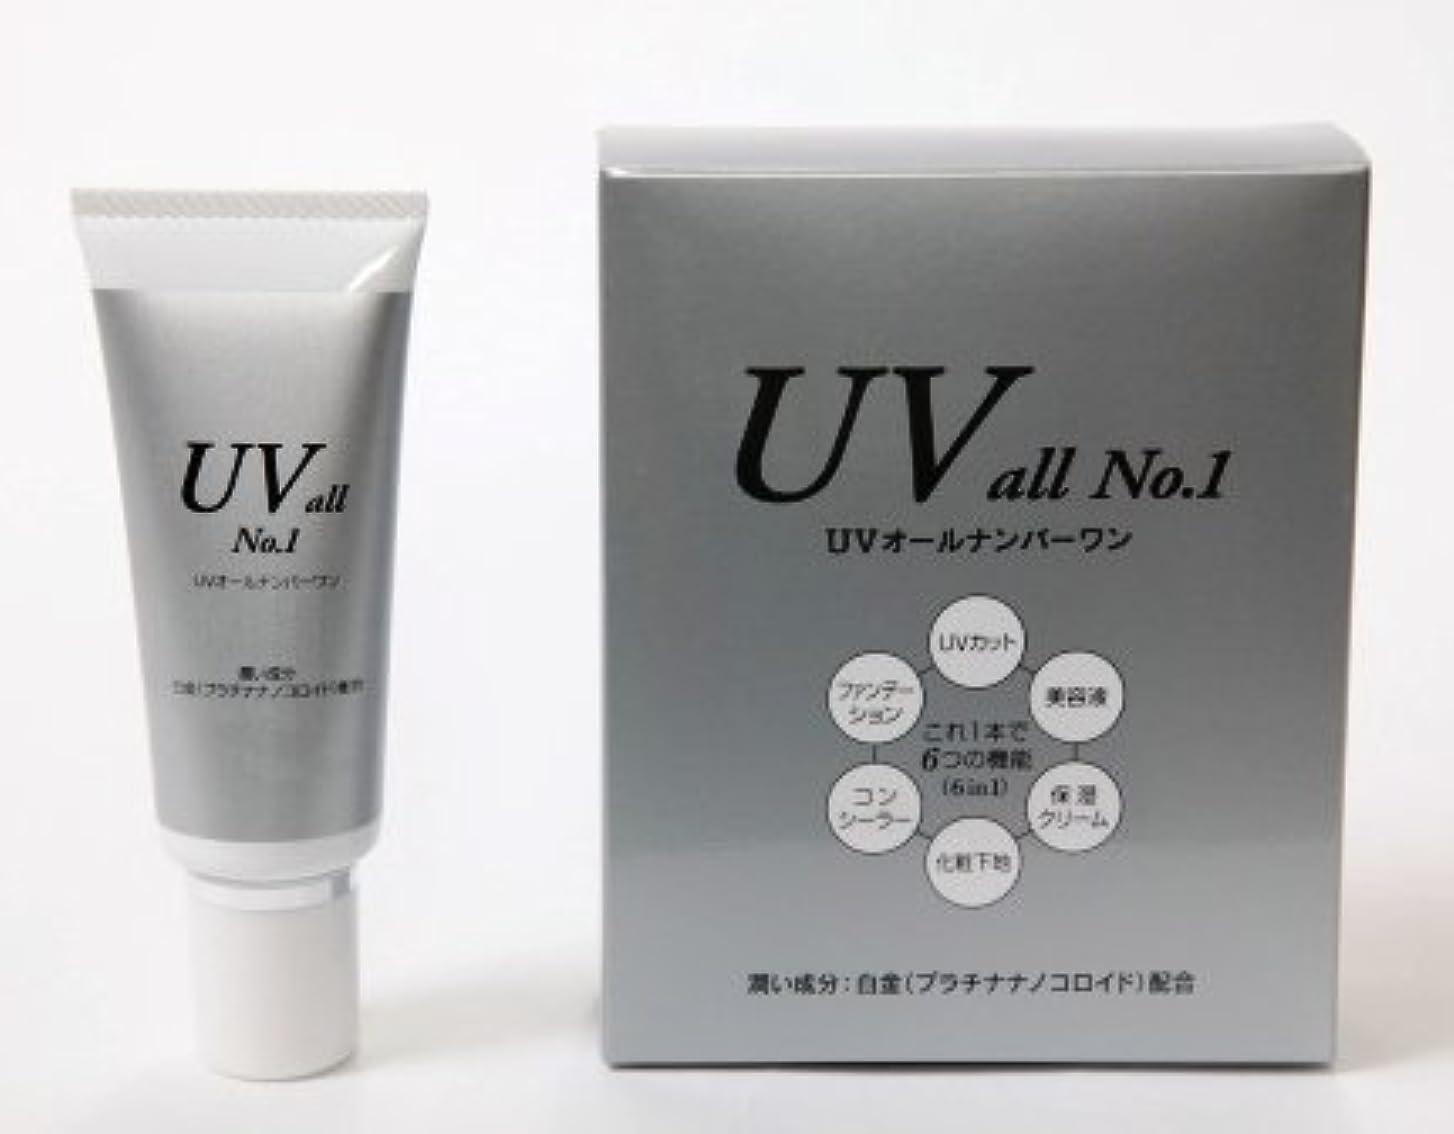 超高層ビル規定無知UV all NO1 製薬会社のBBクリーム SPF30 PA++